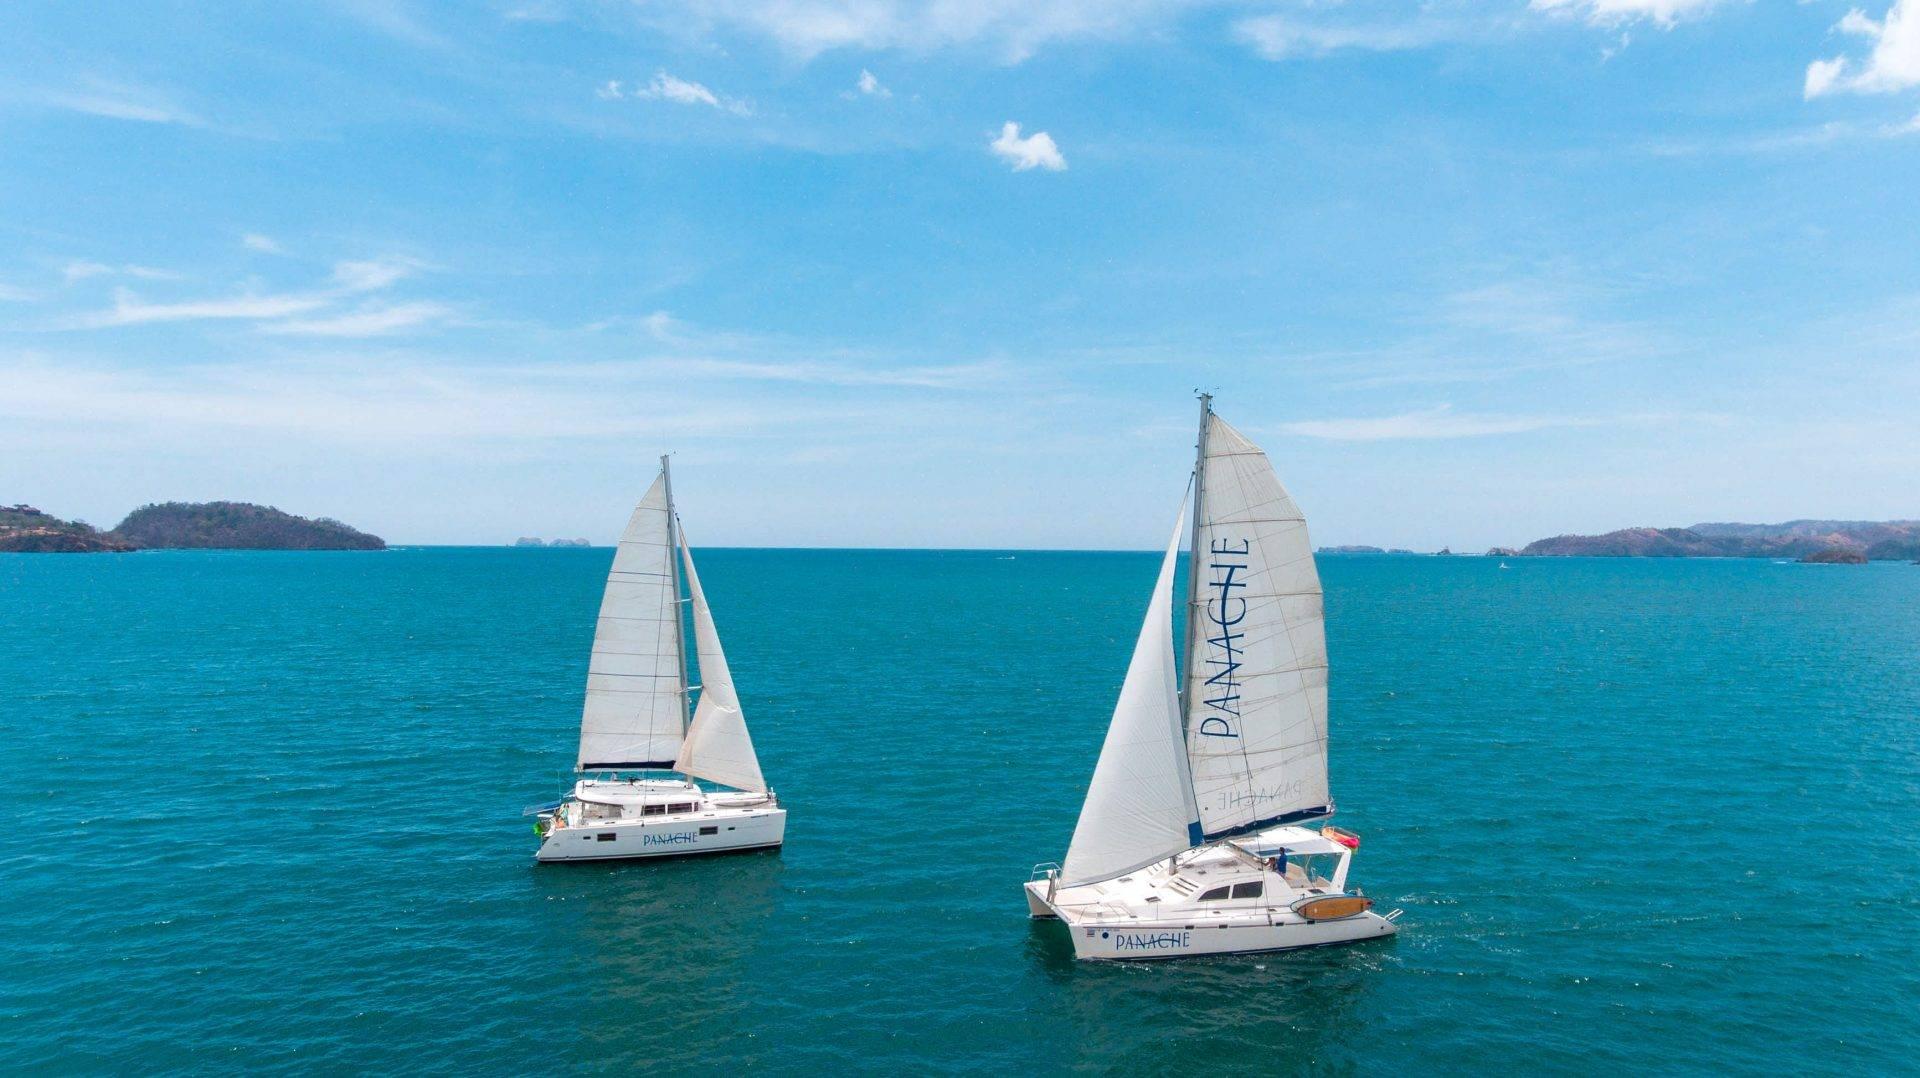 sailing in Guanacaste